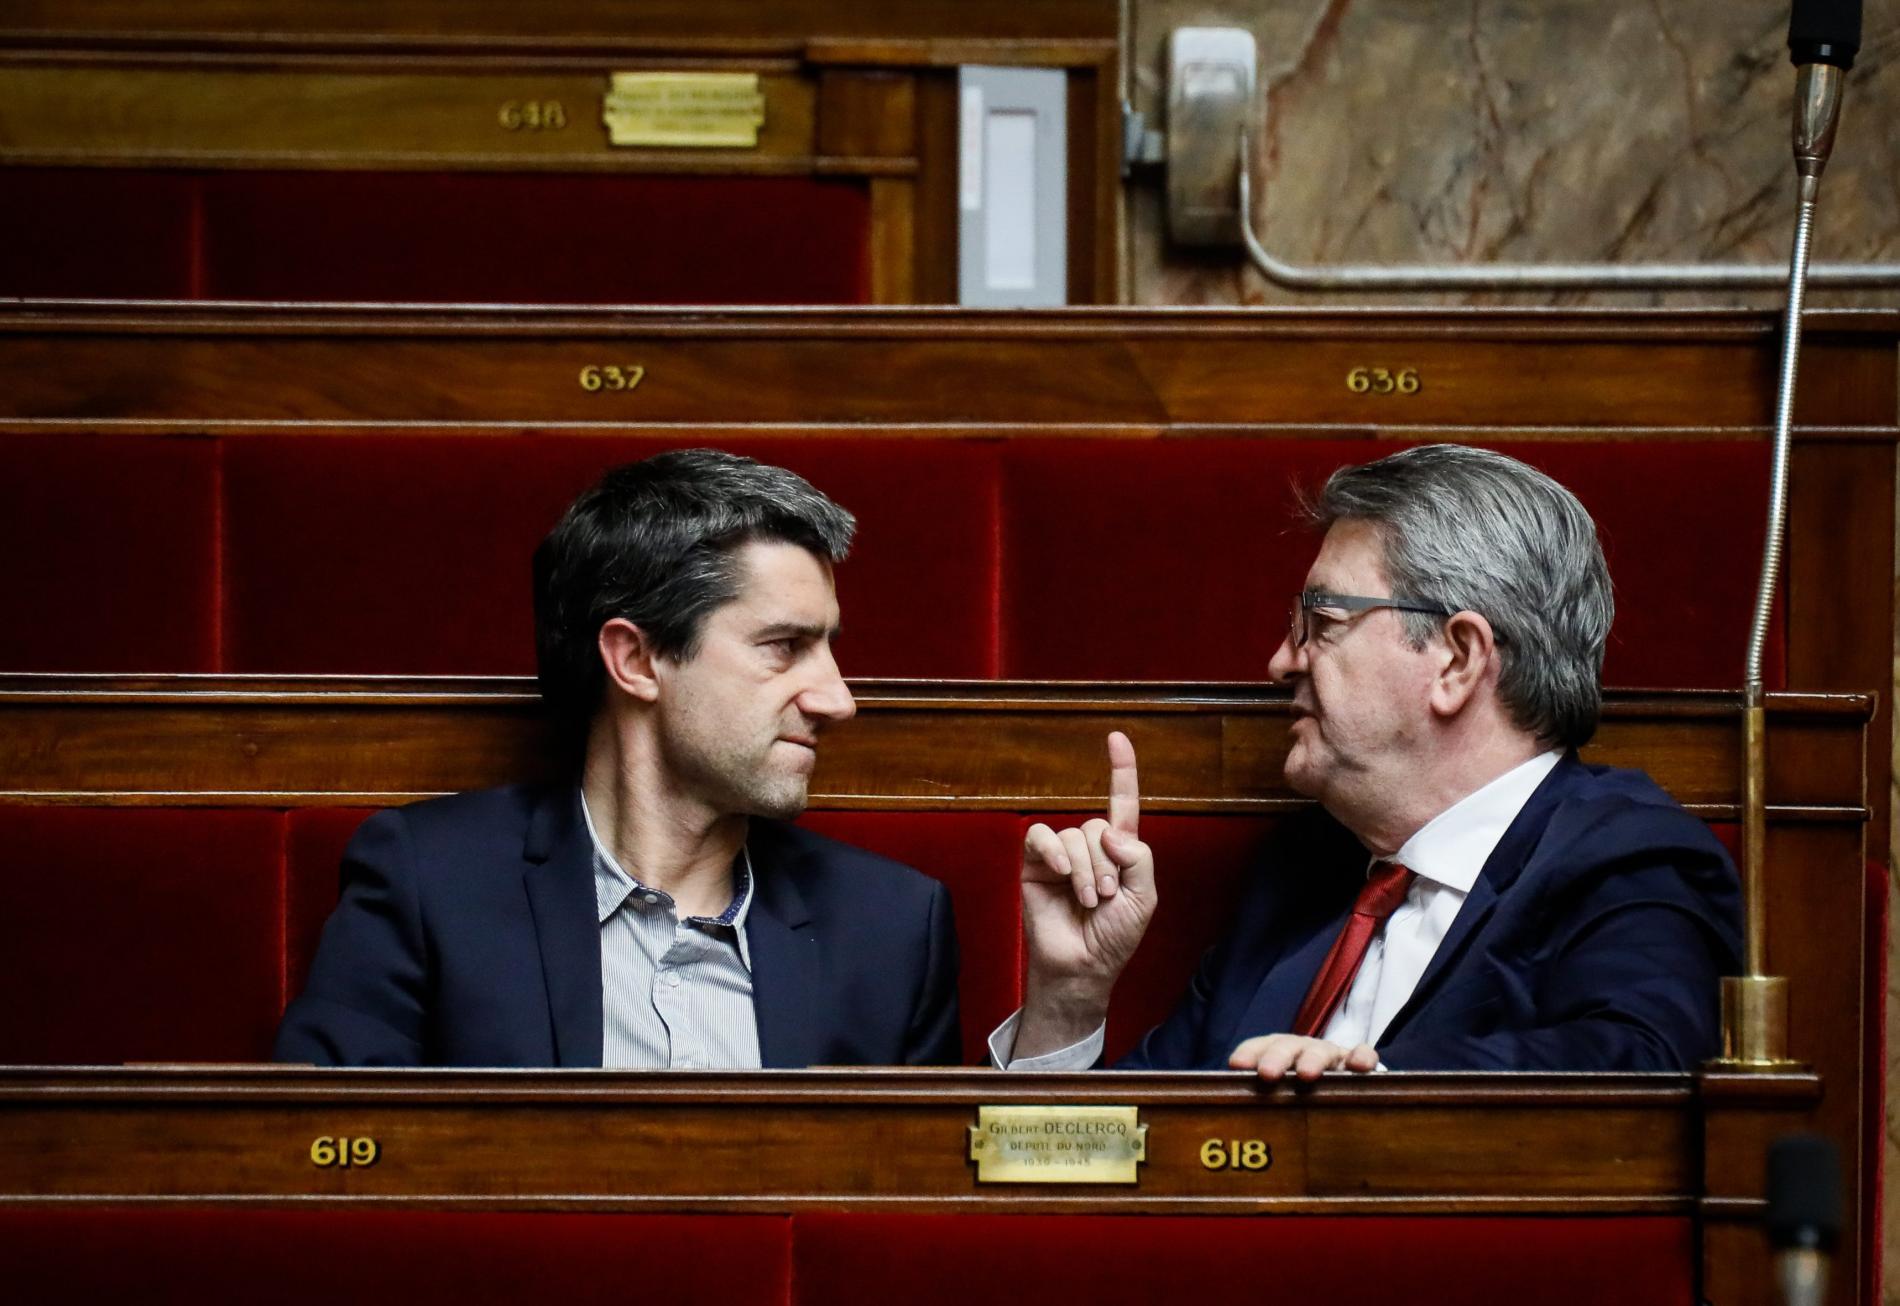 François Ruffin et Jean-Luc Mélenchon lors du vote de la proposition de loi adoptée par le Sénat visant à prévenir les violences lors des manifestations, le 5 février 2019.